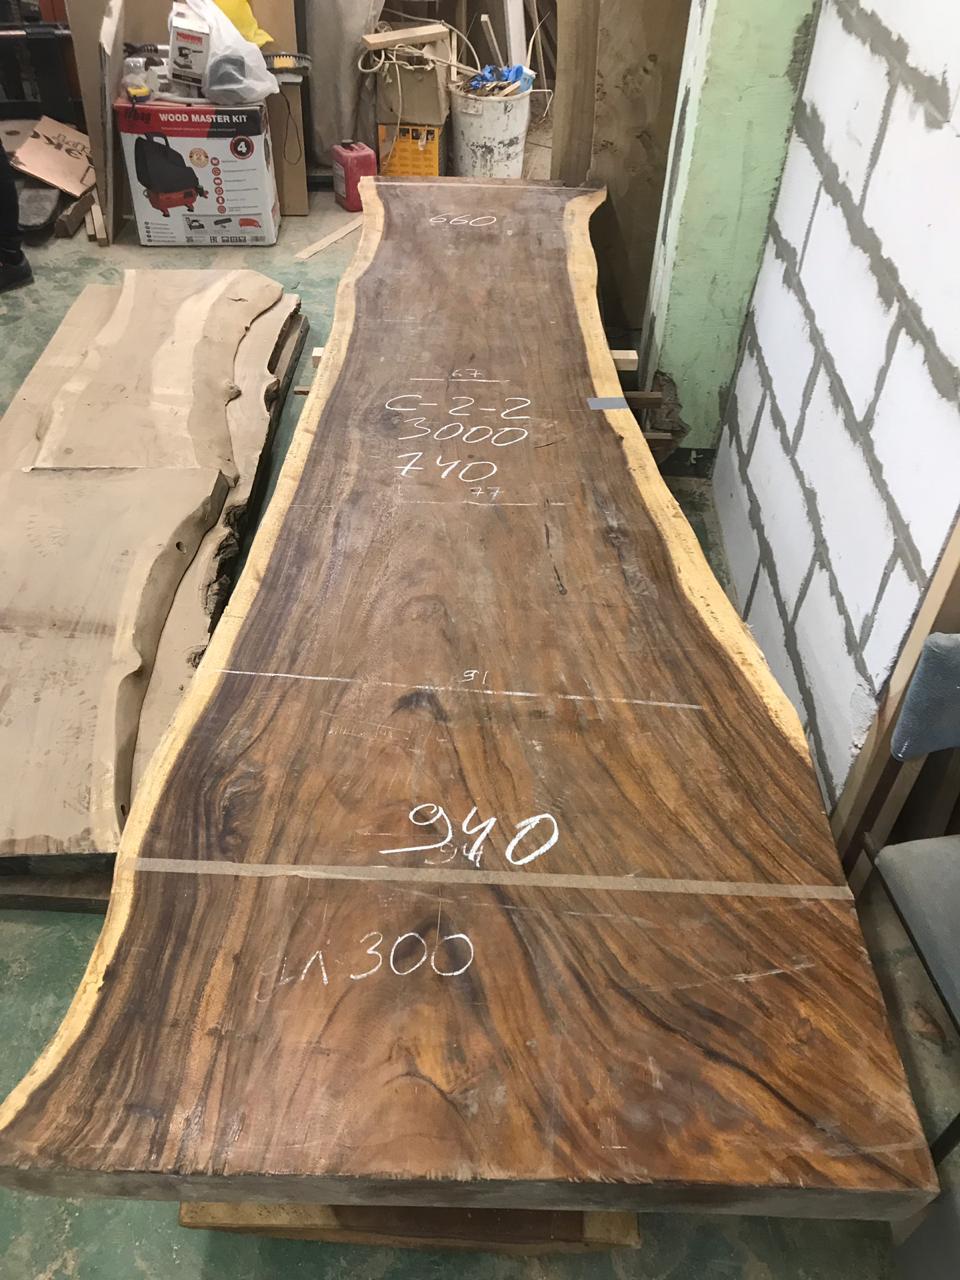 Suar Big ONE  Материал: слэб дерева  суар  Размеры: 3000 x 940-740-660 x 70 мм.  Стоимость: 134 100 руб